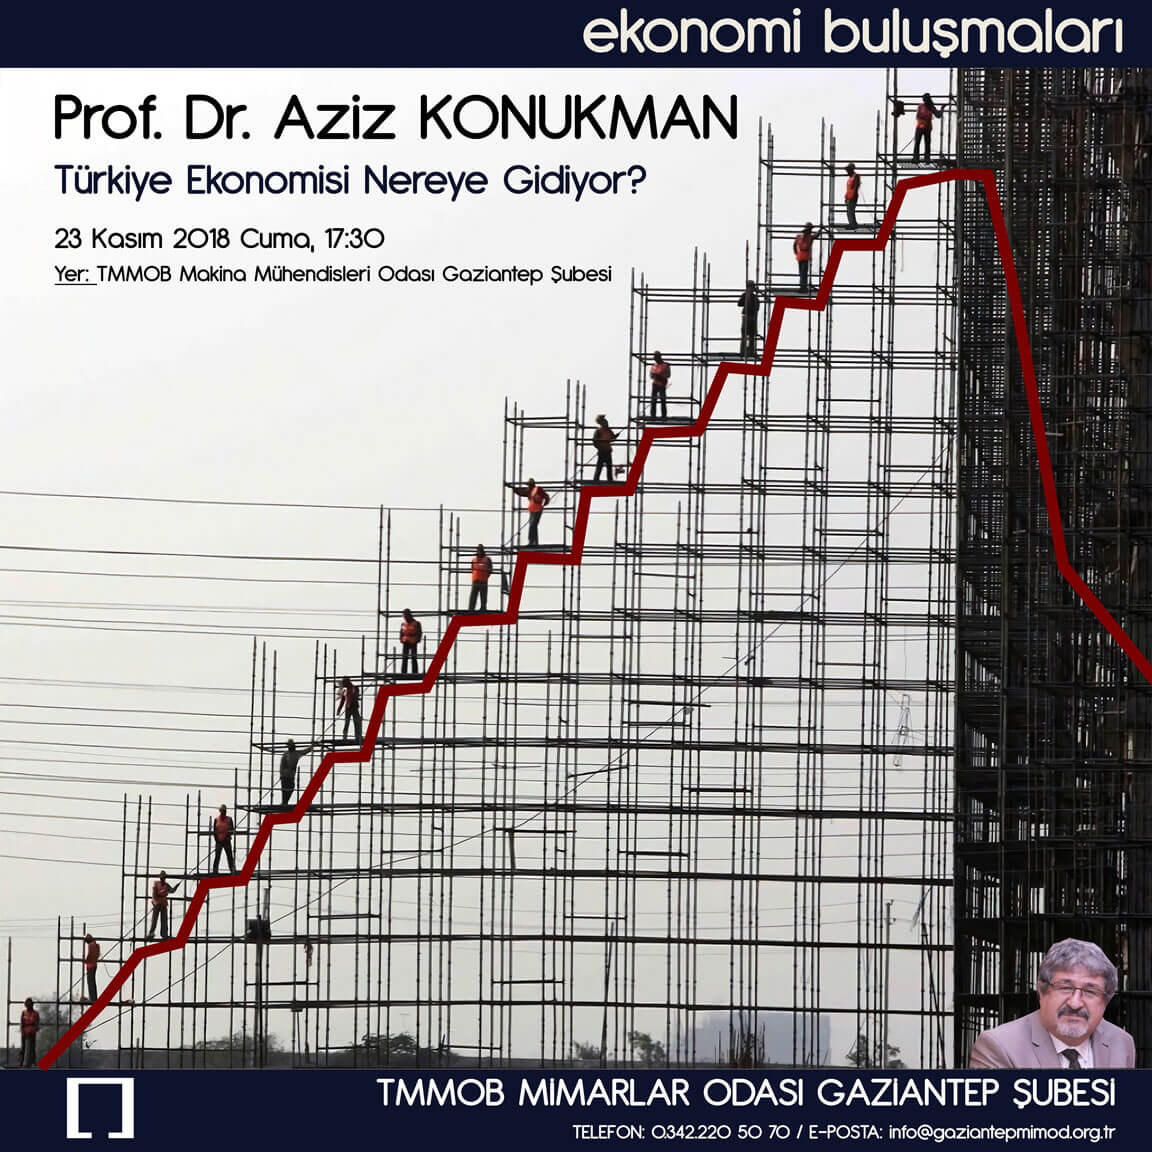 Aziz Konukman Türkiye Ekonomisi Nereye Gidiyor Afis